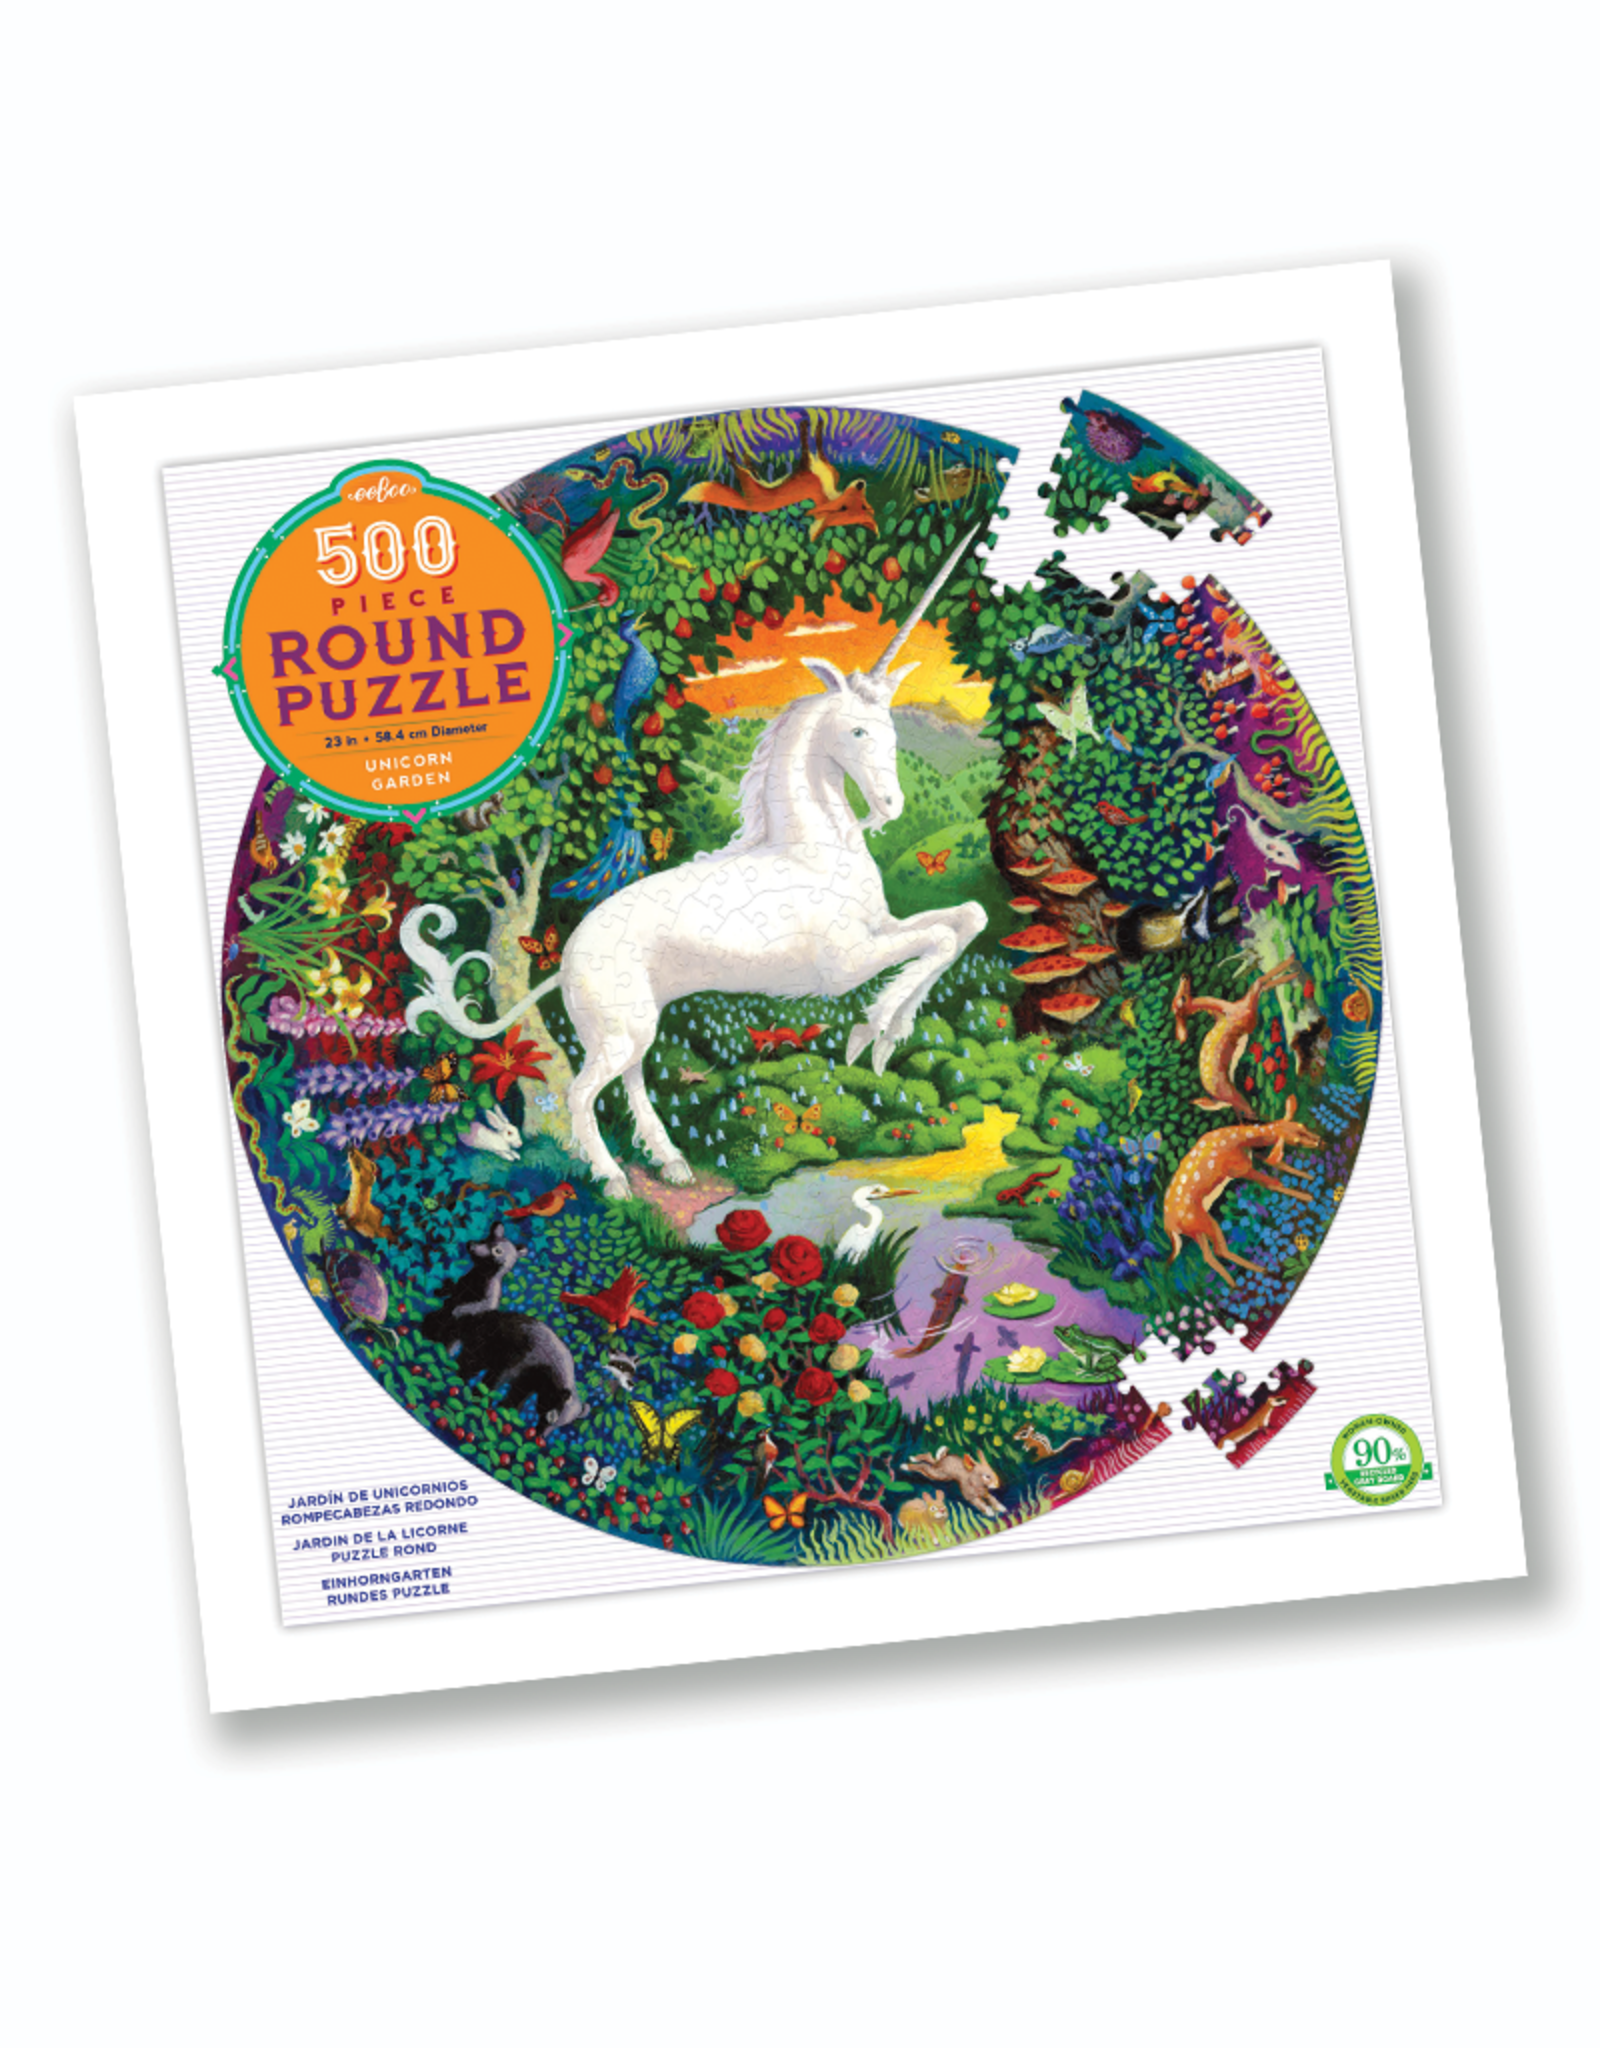 eeBoo Unicorn Garden 500-Piece Round Puzzle